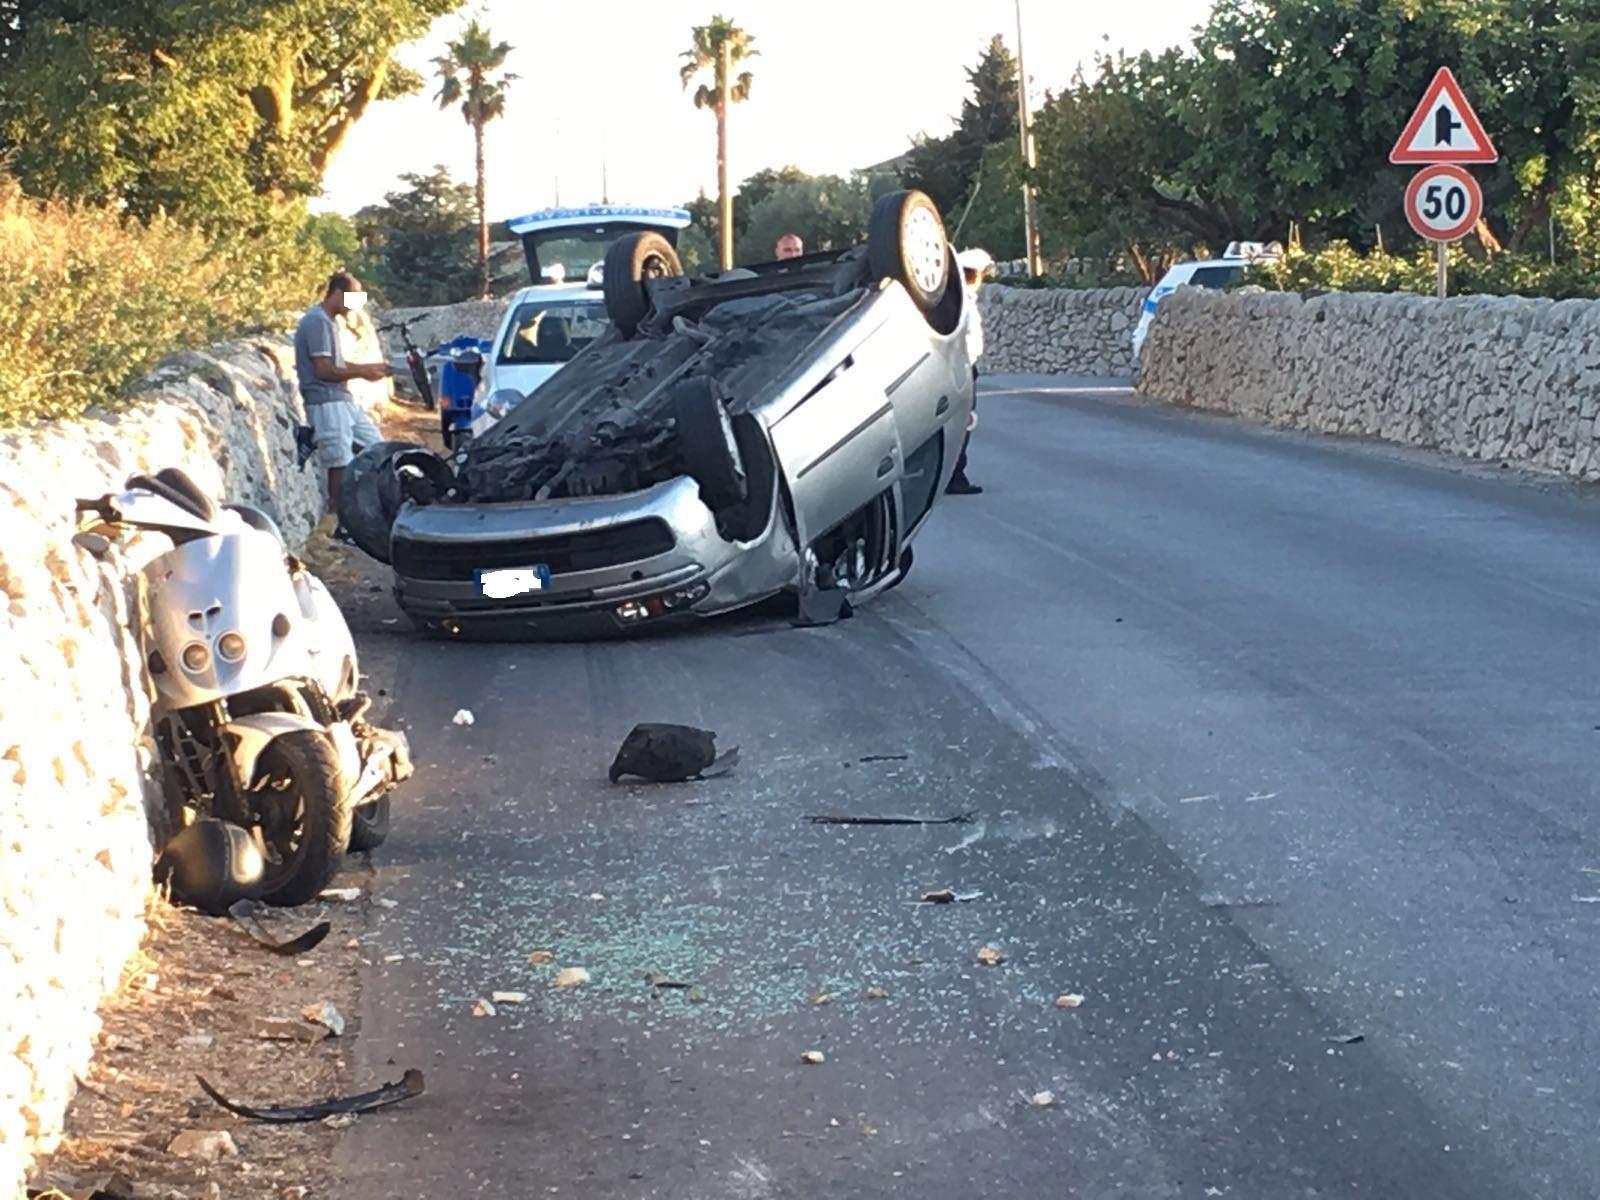 Sperona scooter e si ribalta con l'auto: sfiorata tragedia sulla Modica-Giarratana